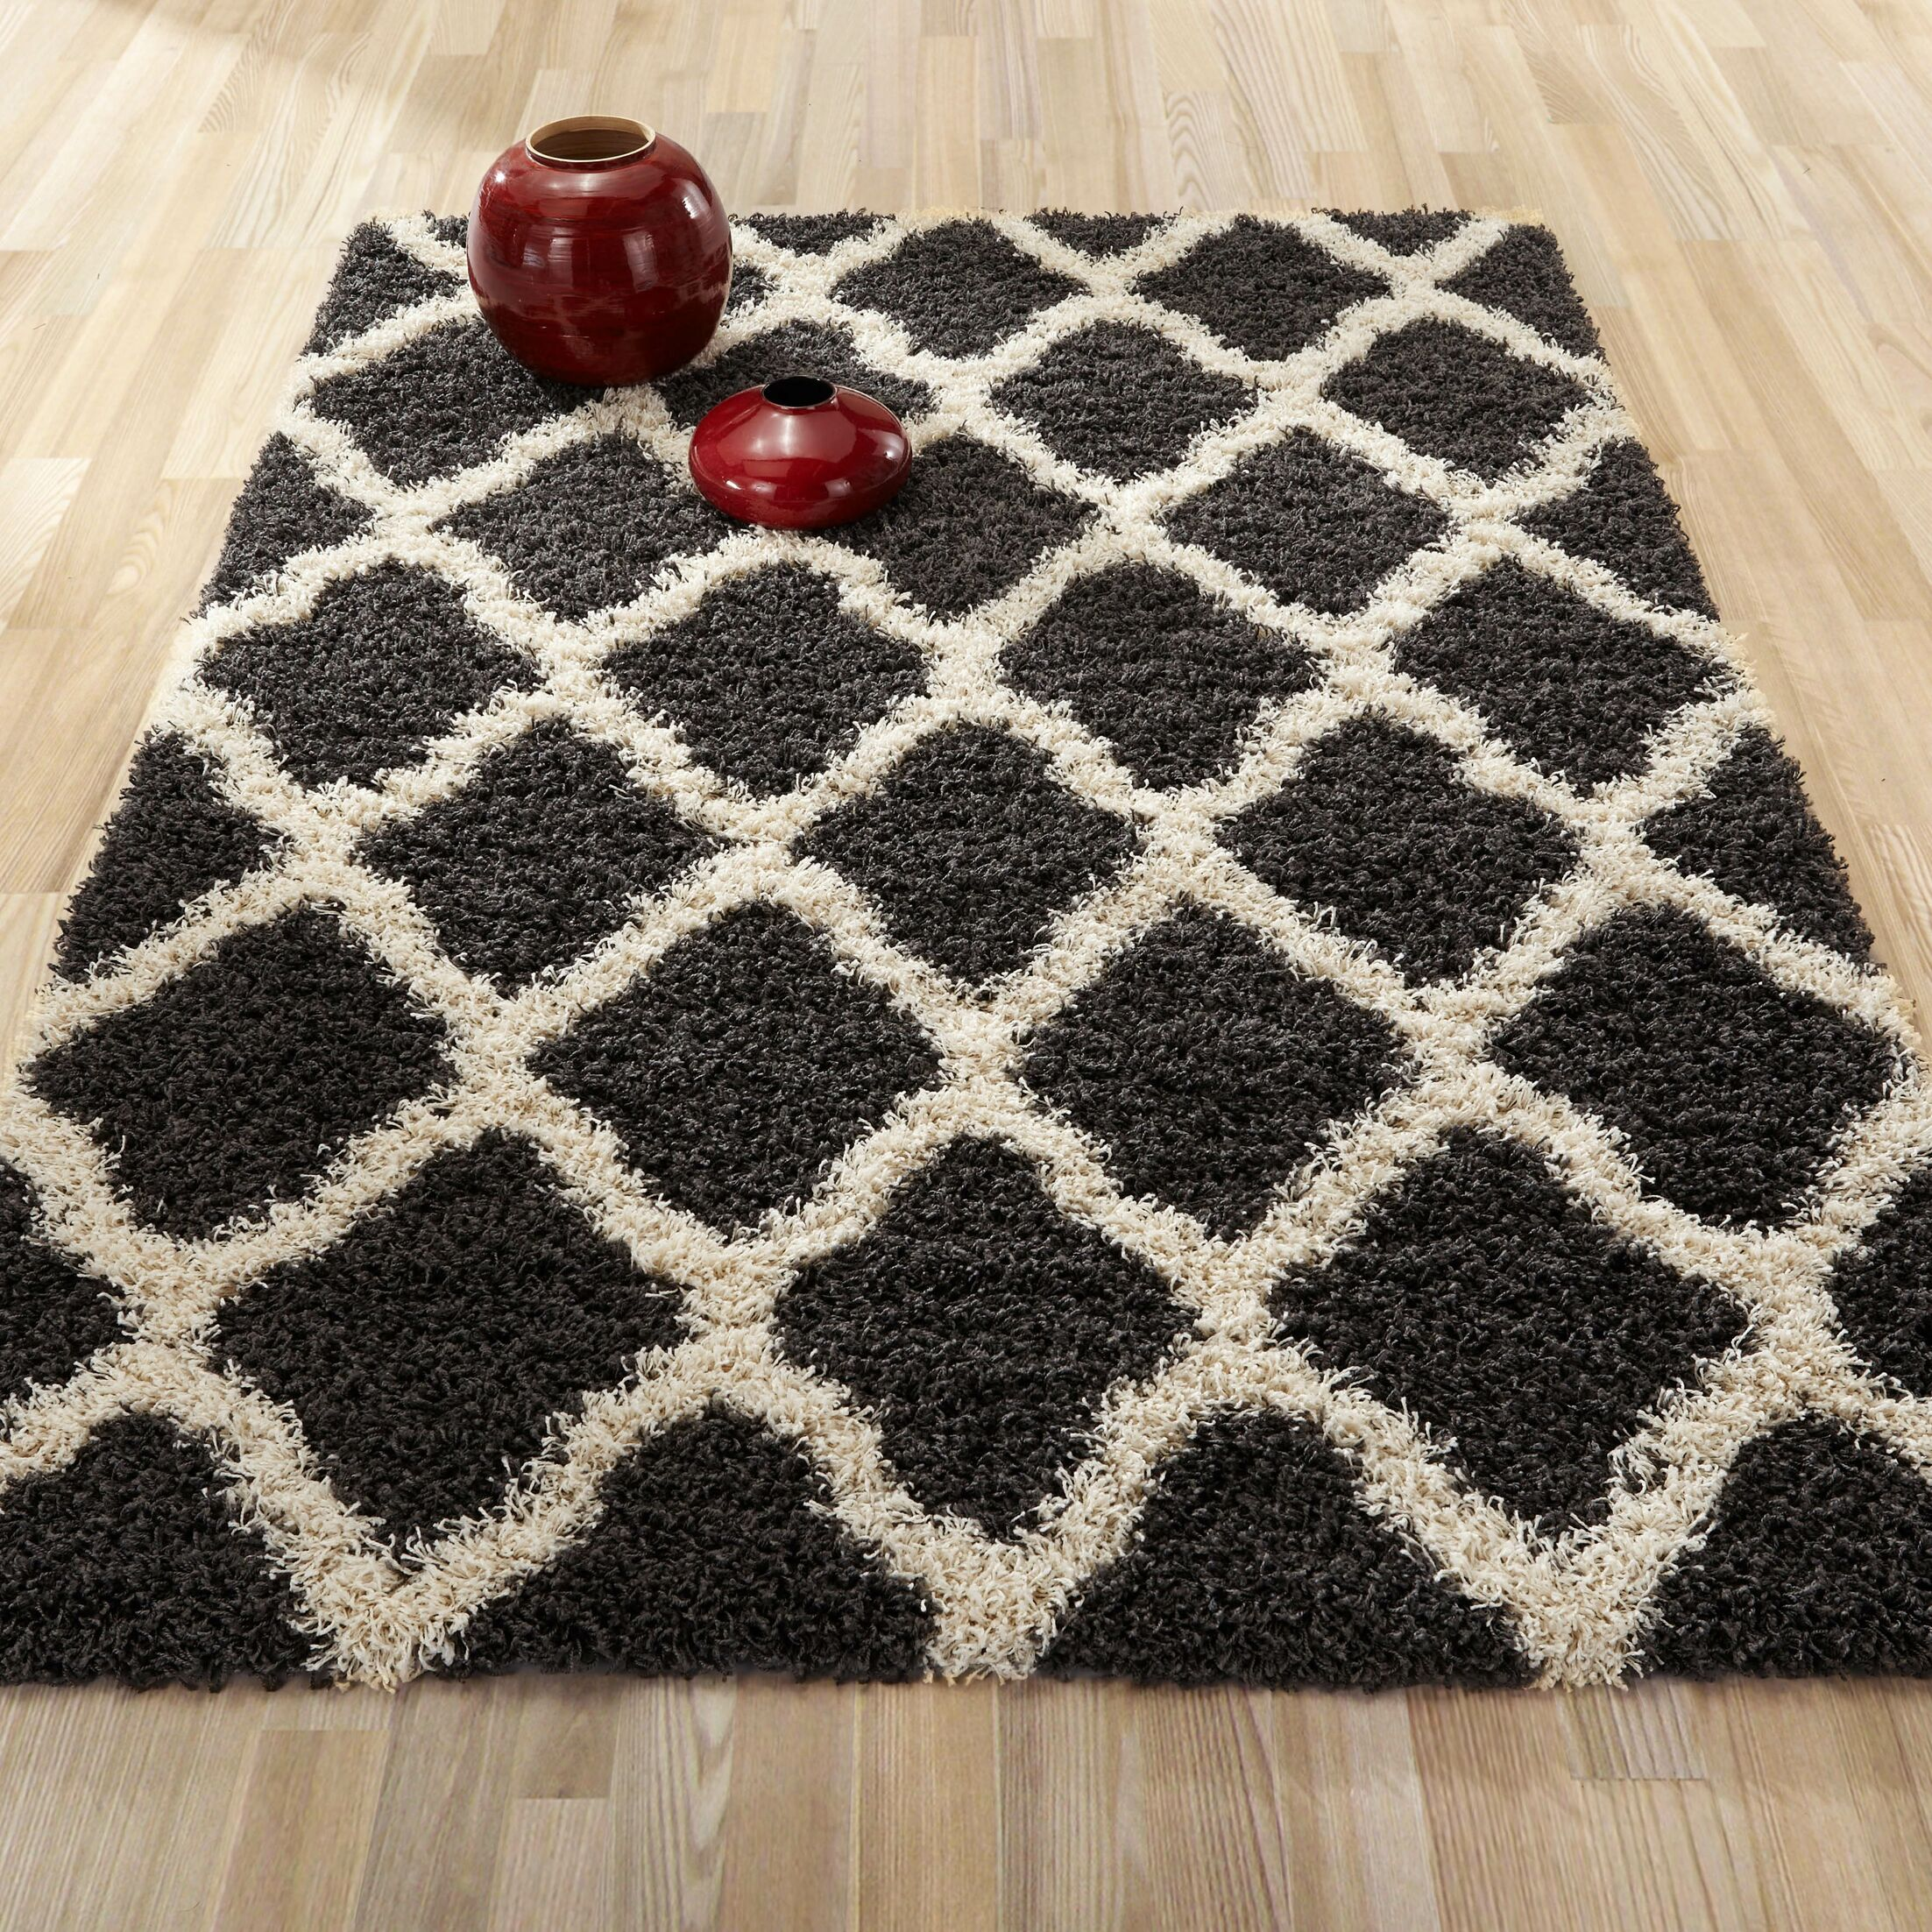 Dauphin Charcoal Indoor/Outdoor Area Rug Rug Size: 7'10